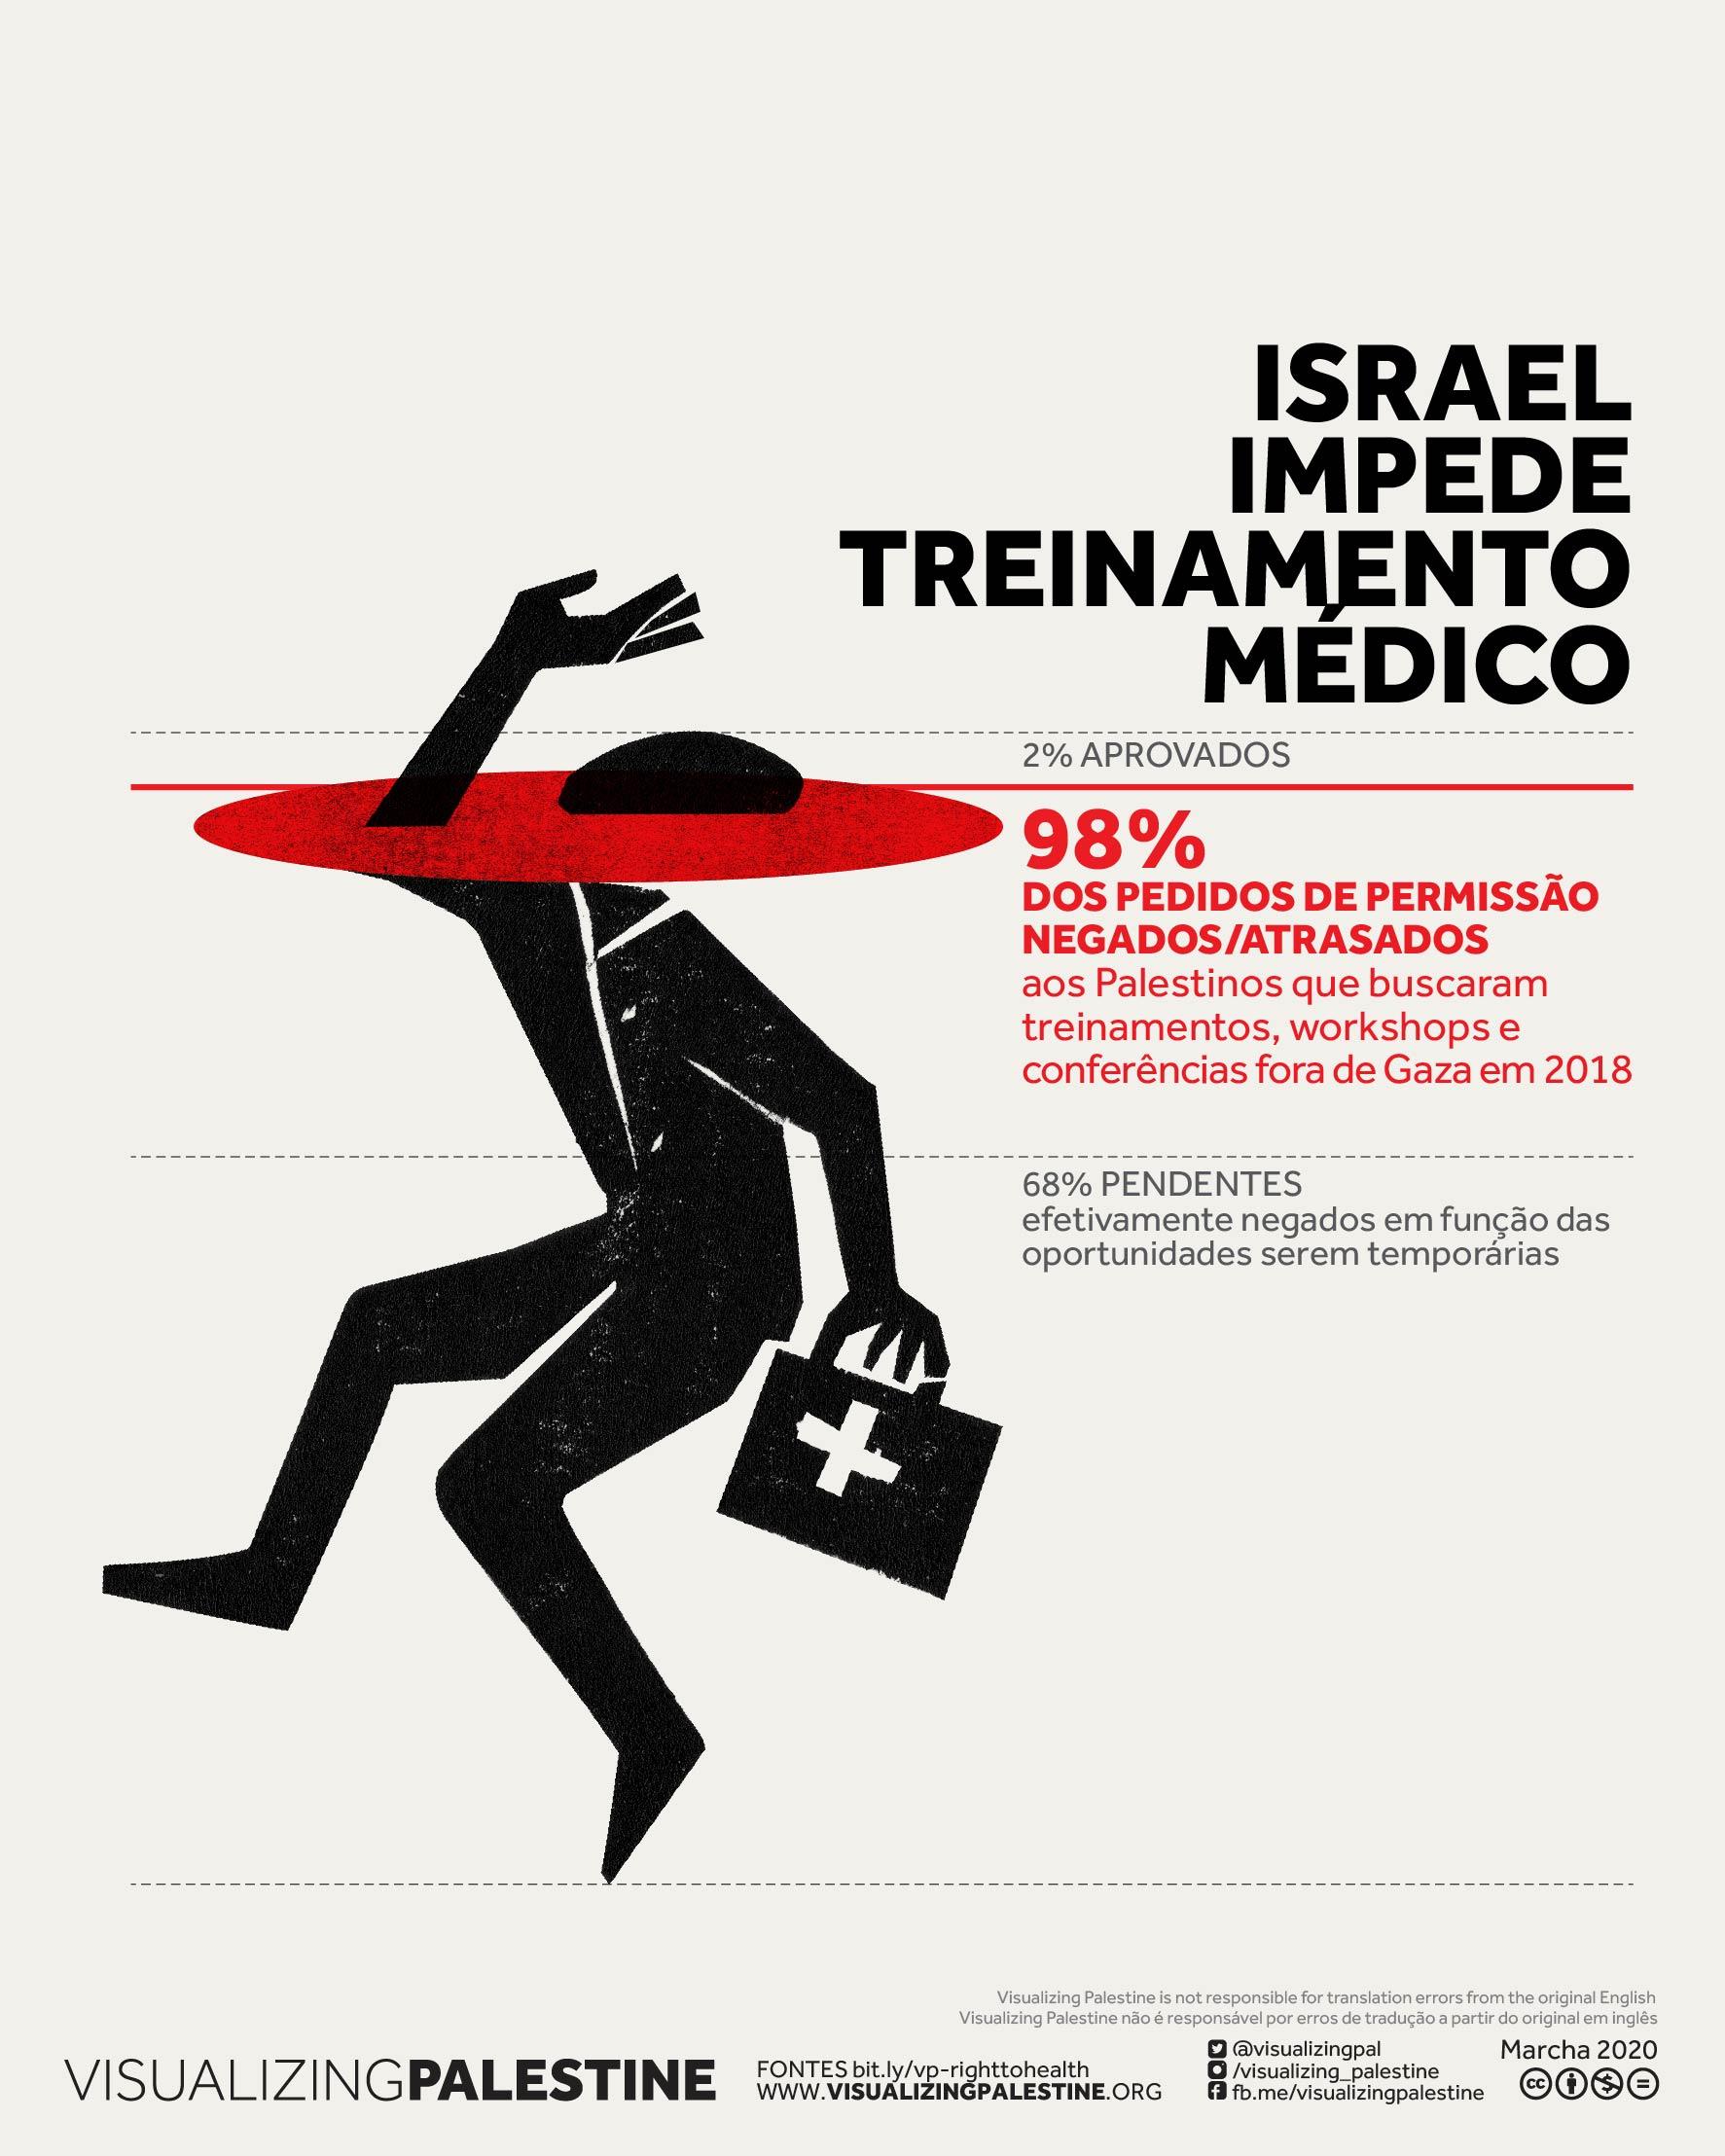 Israel nega treinamento médico